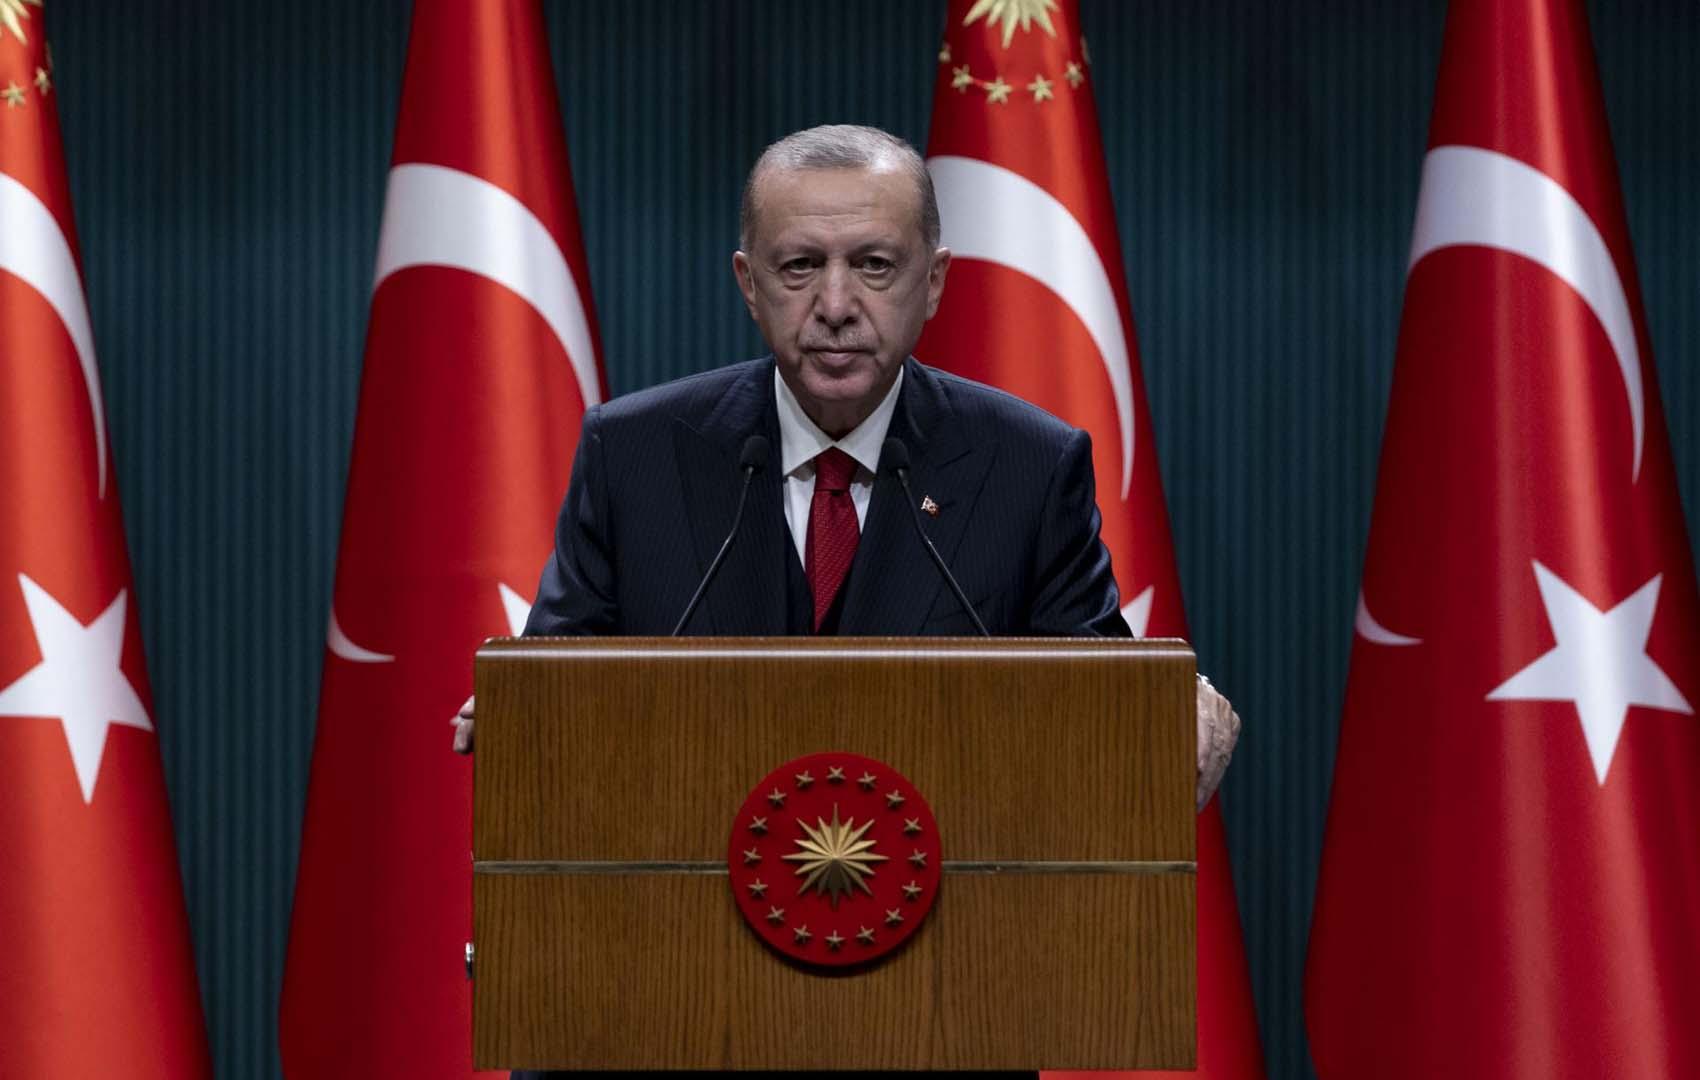 Cumhurbaşkanı Erdoğan'dan açıklama geldi! Çevre ve Şehircilik Bakanlığı'nın ismi değişti